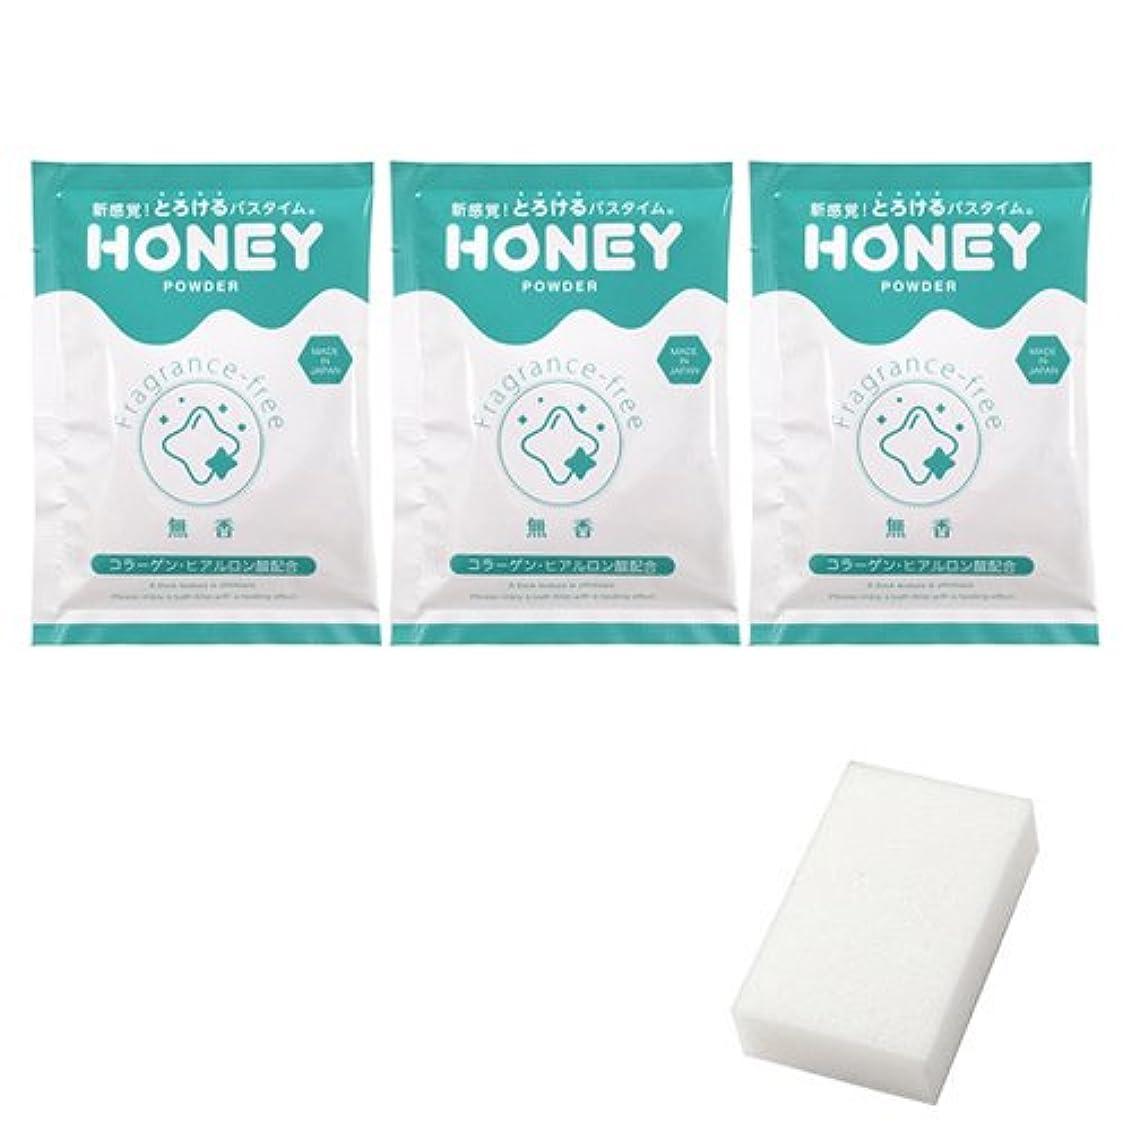 除去変える女優とろとろ入浴剤【honey powder】(ハニーパウダー) 無香タイプ 3個セット + 圧縮スポンジセット